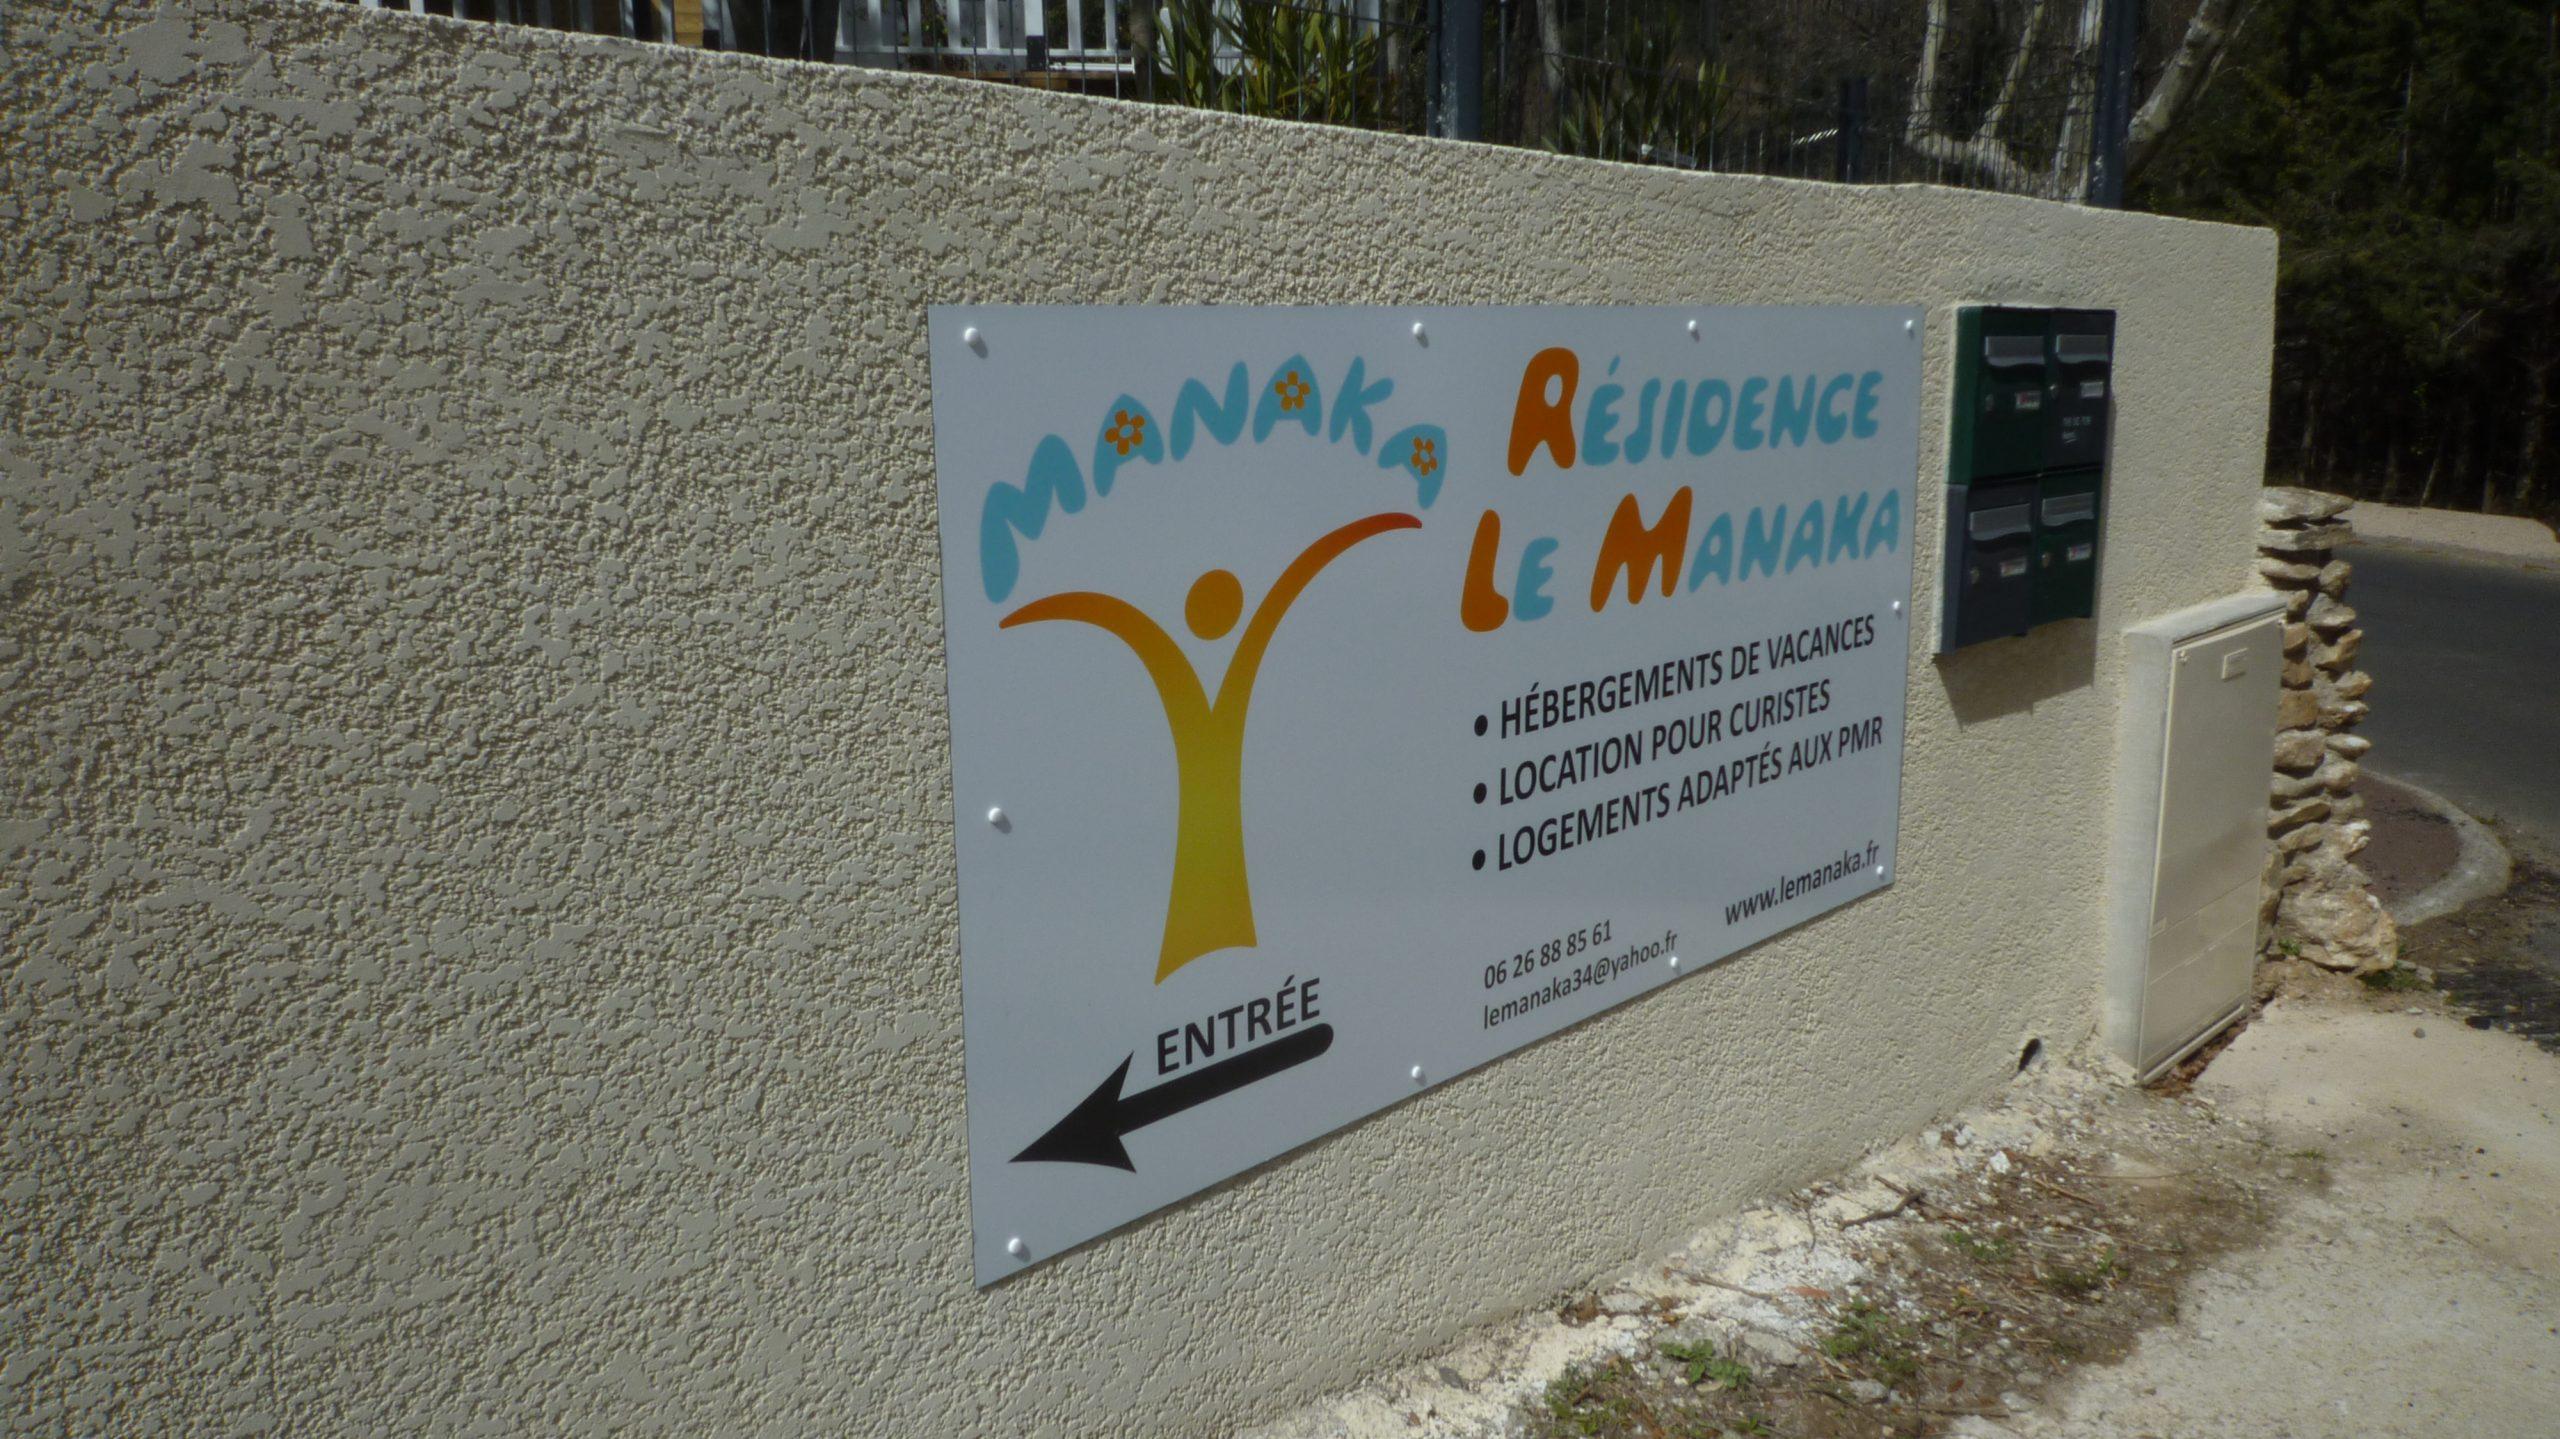 Panneau à l'entrée du Manaka